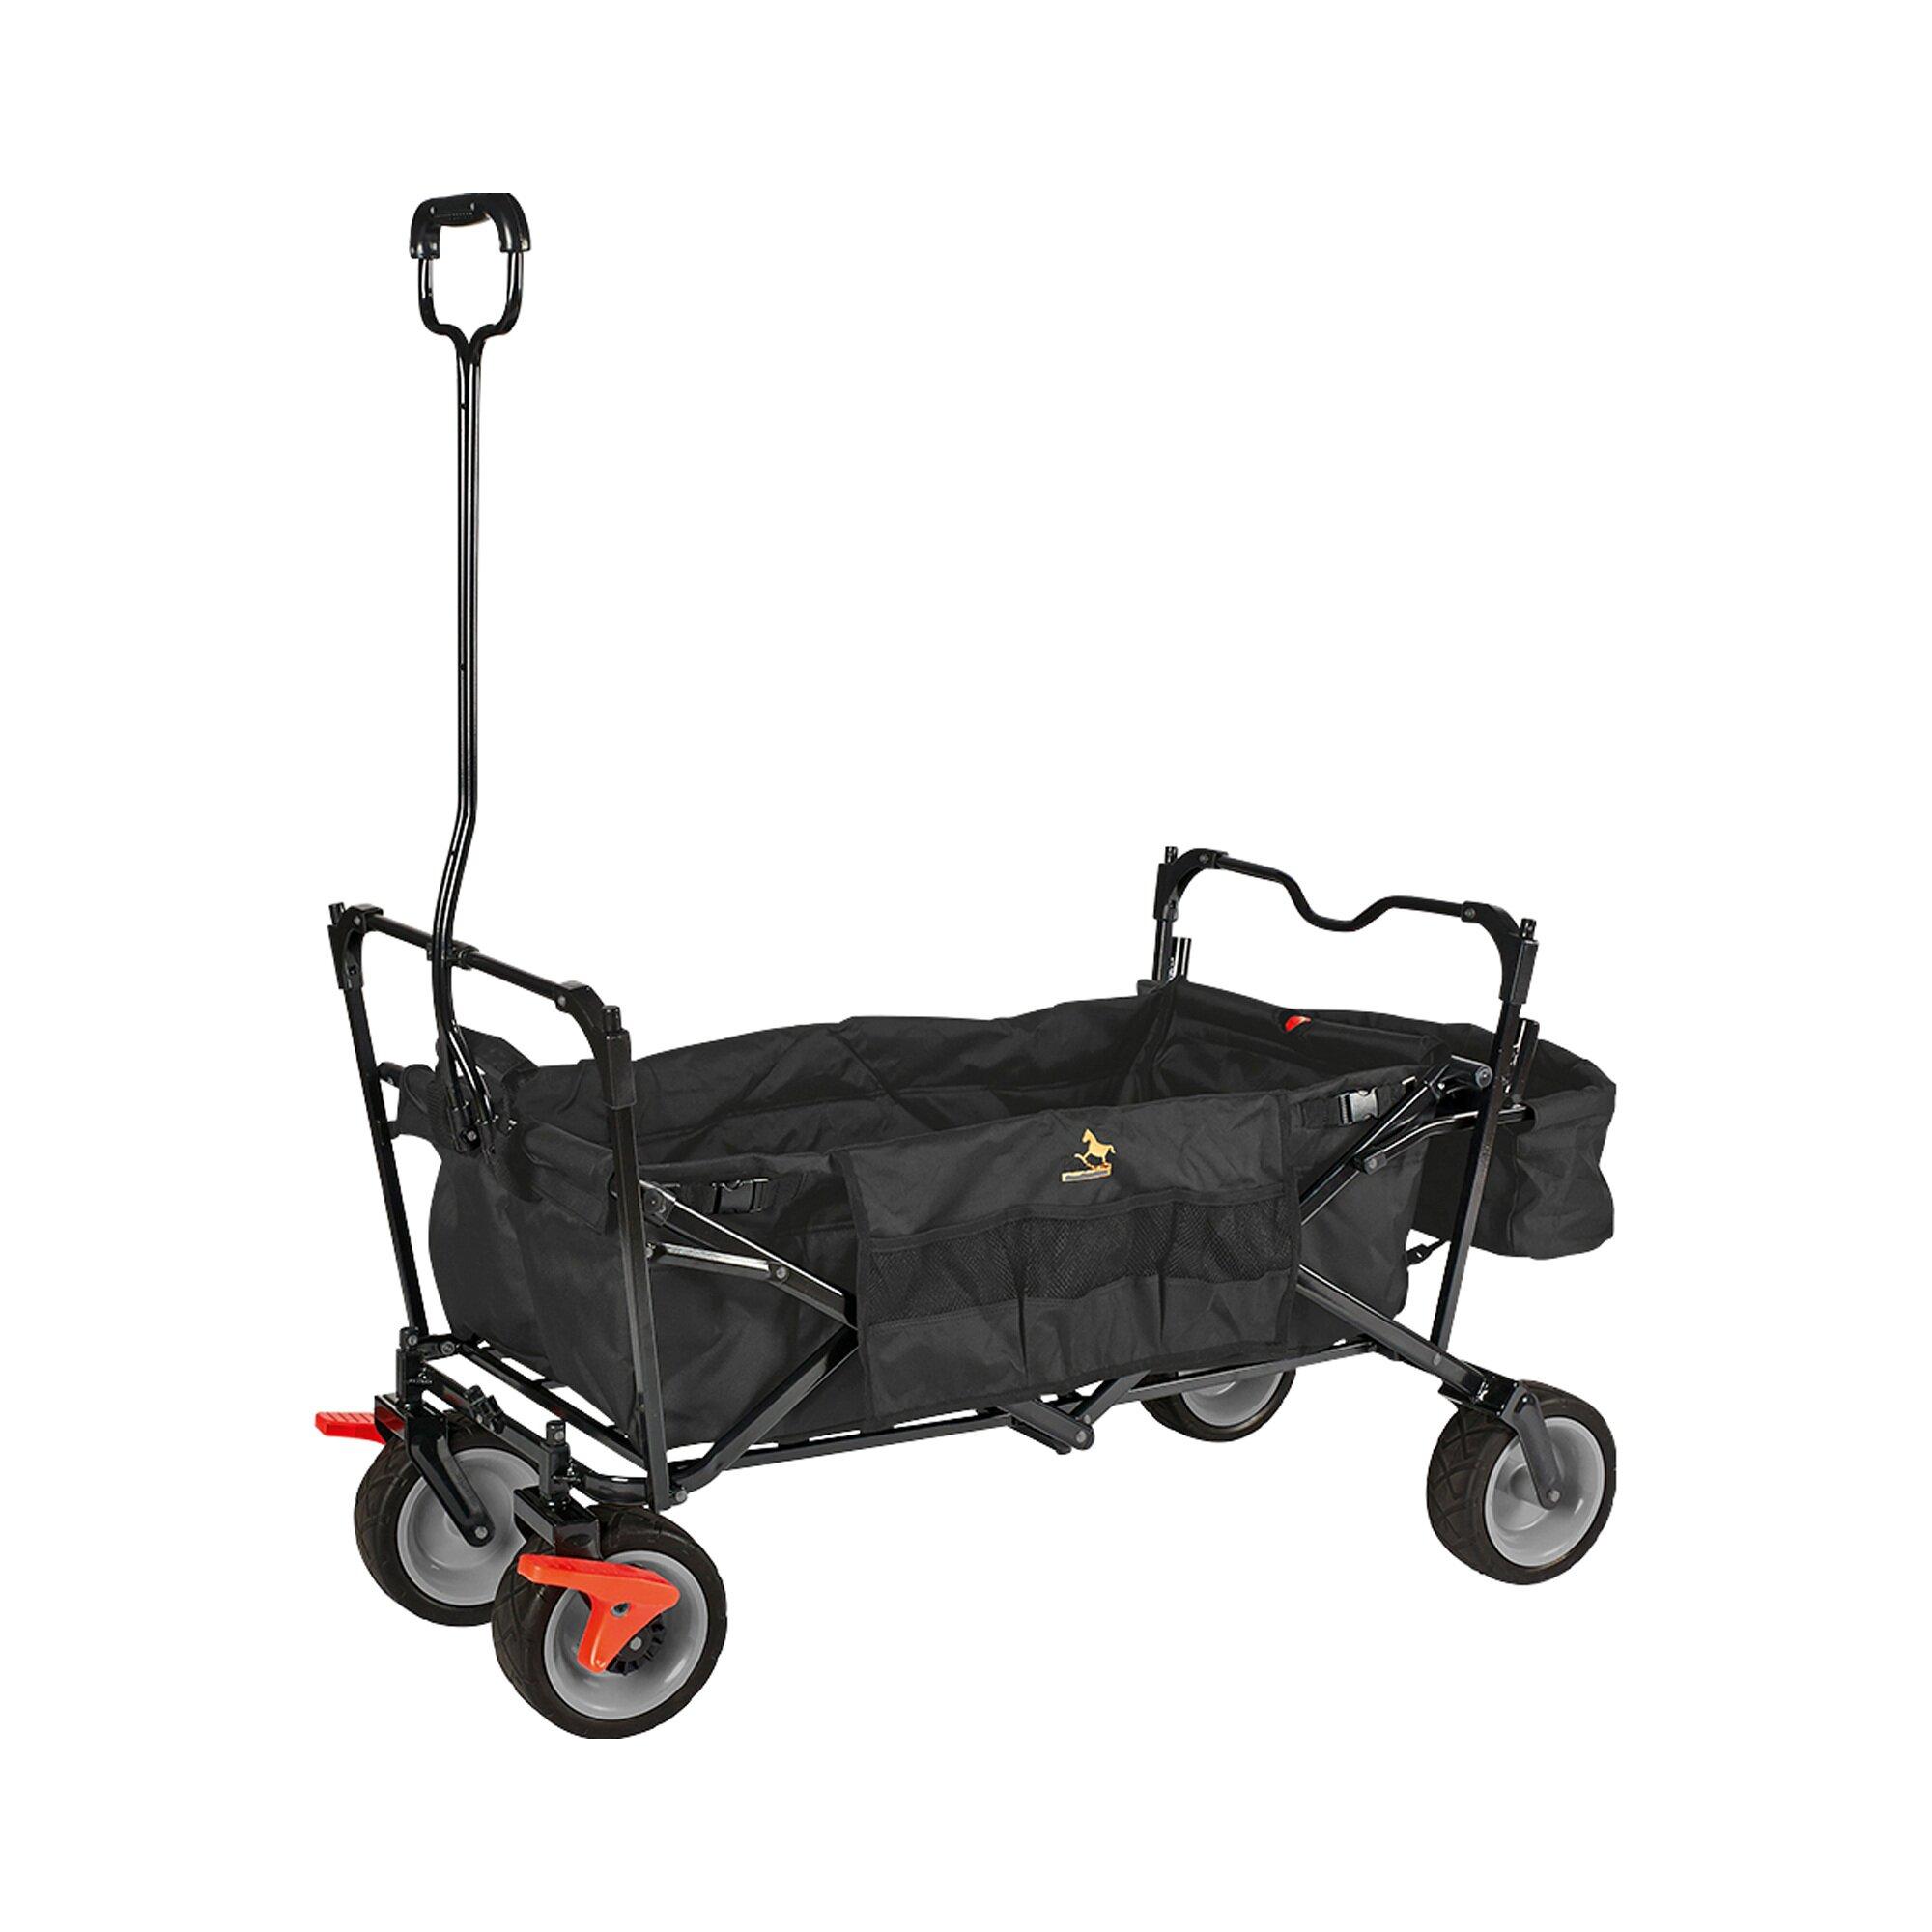 pinolino-klappbollerwagen-paxi-comfort-mit-bremse, 148.99 EUR @ babywalz-de